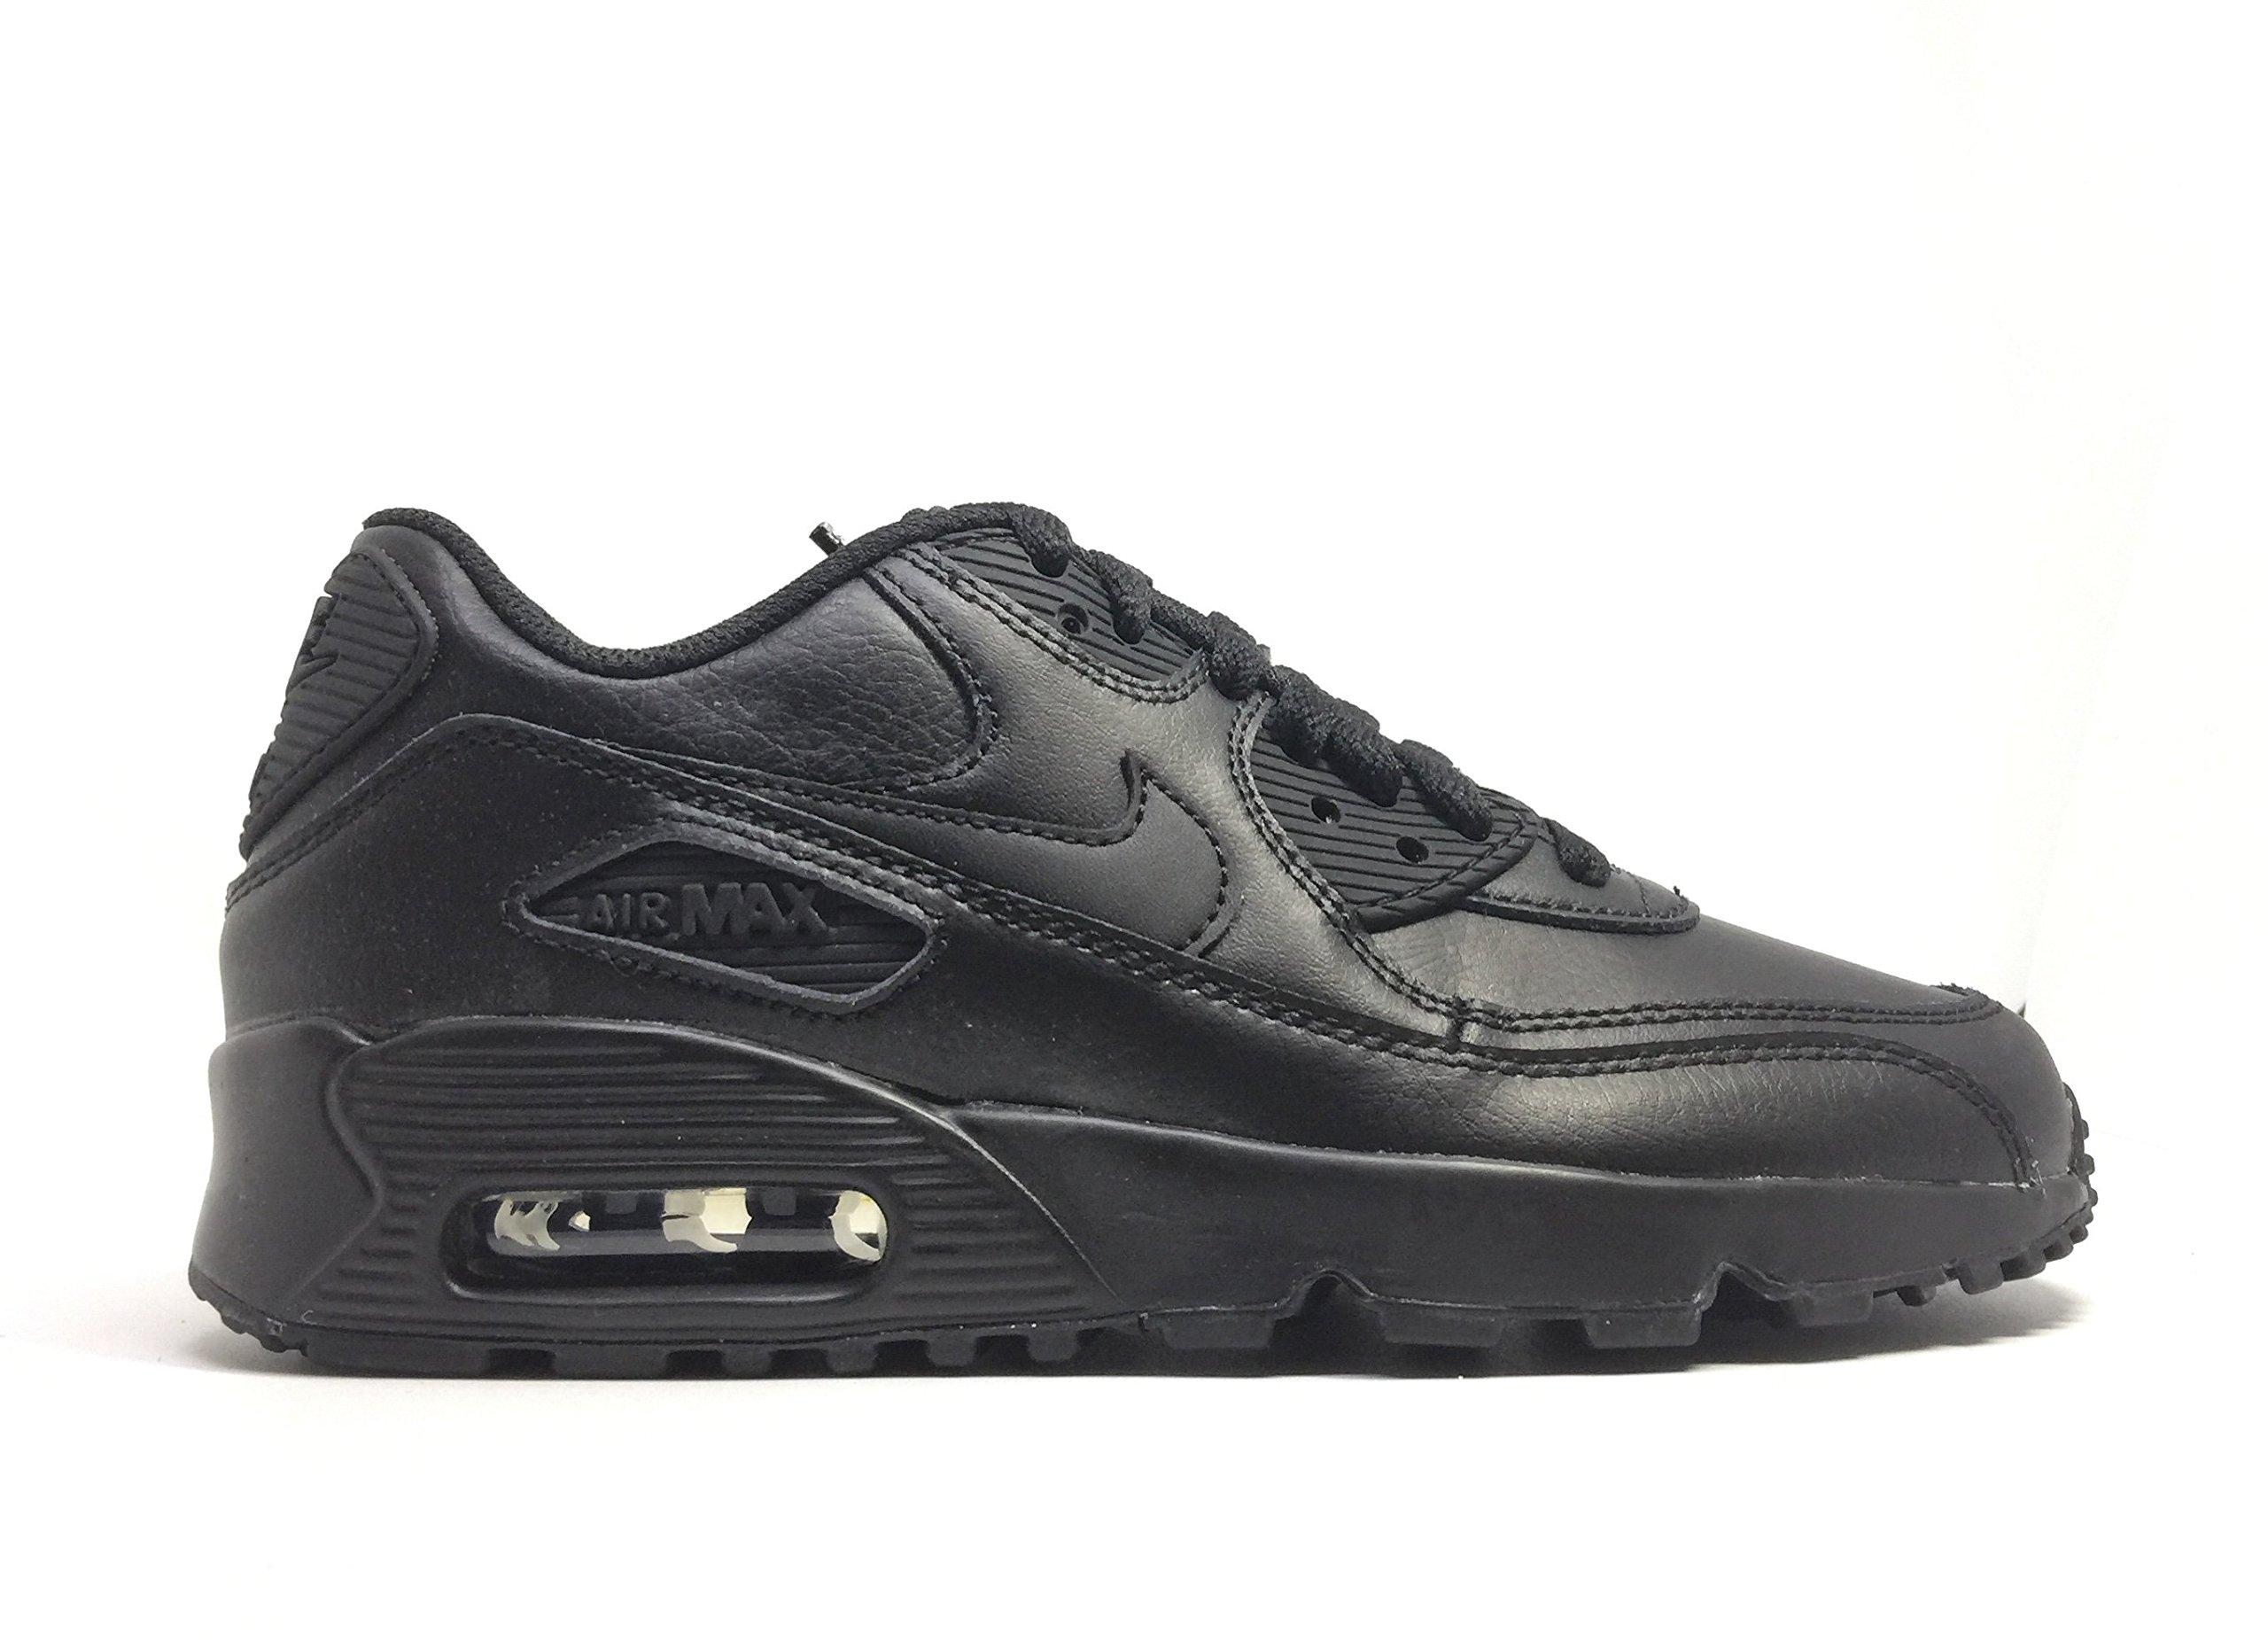 Nike Air Max 90 Ltr (Gs) (833412 001)